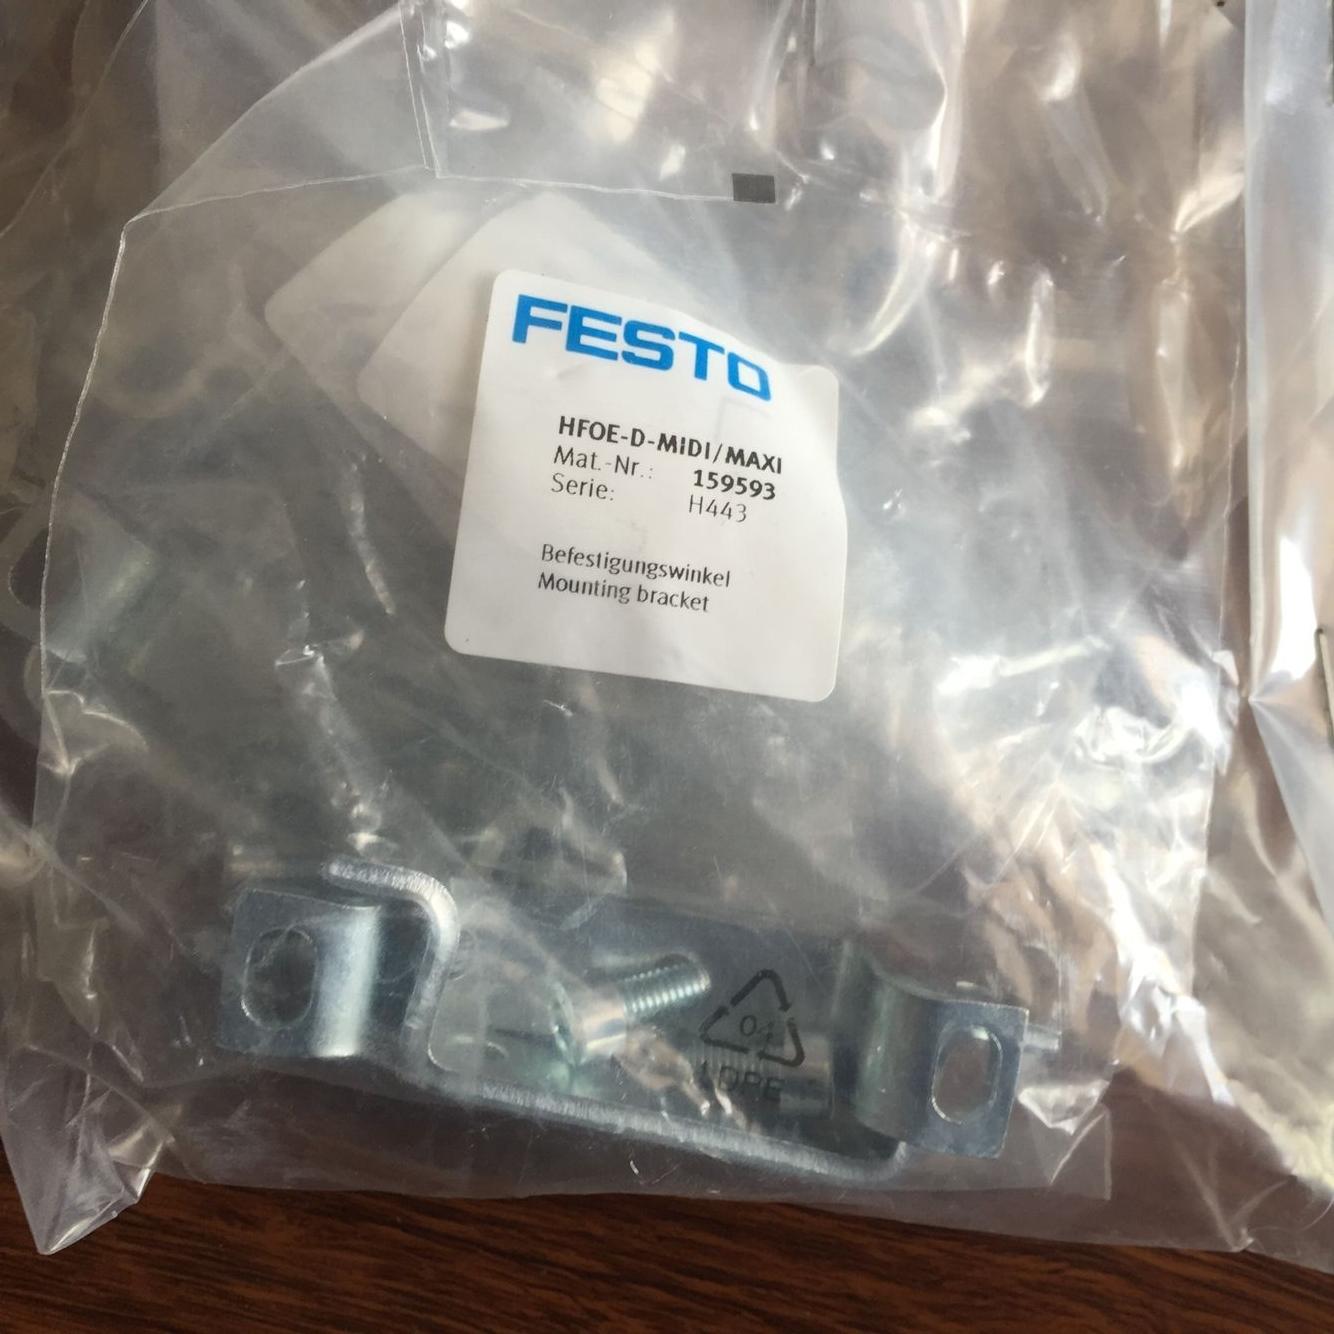 FESTO HFOE-D-MIDI/MAXI 159593